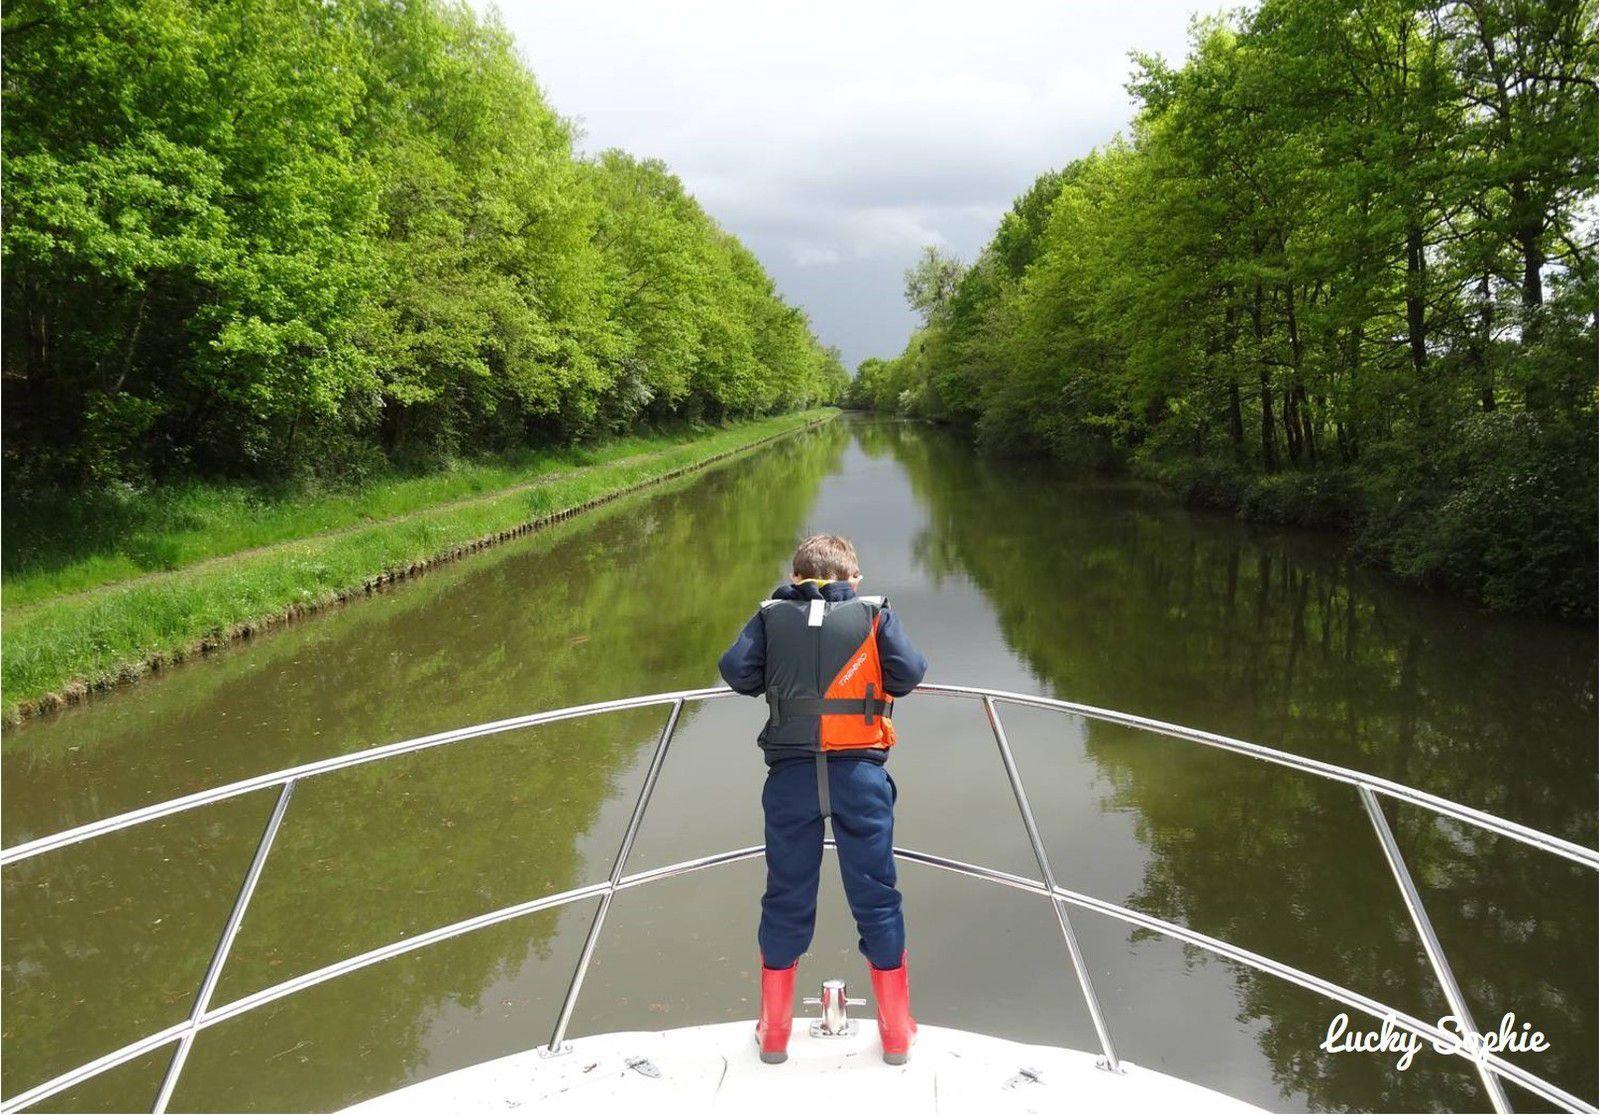 La croisière fluviale, l'un de nos meilleurs souvenirs de vacances !